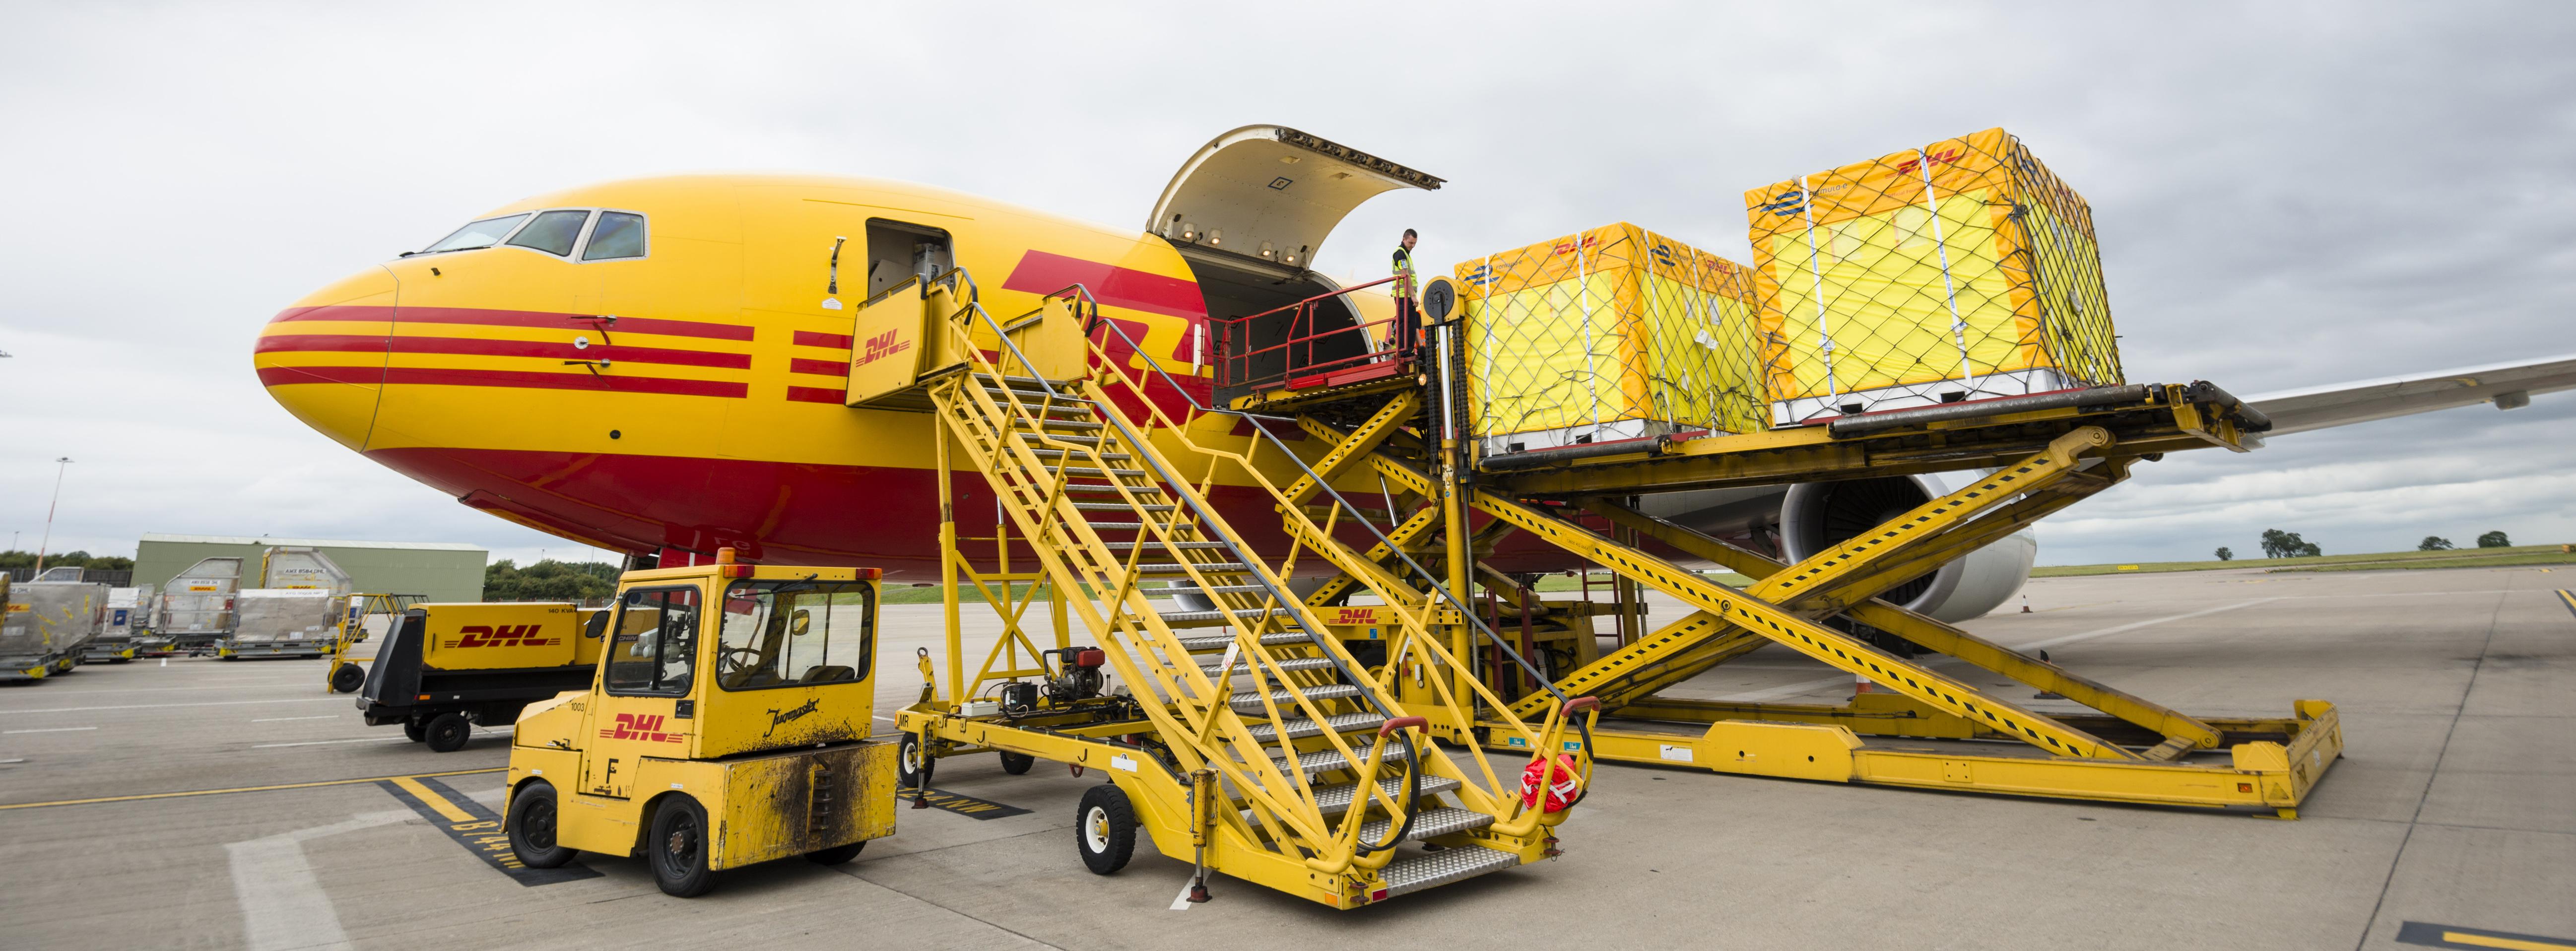 Frachtflieger der DHL